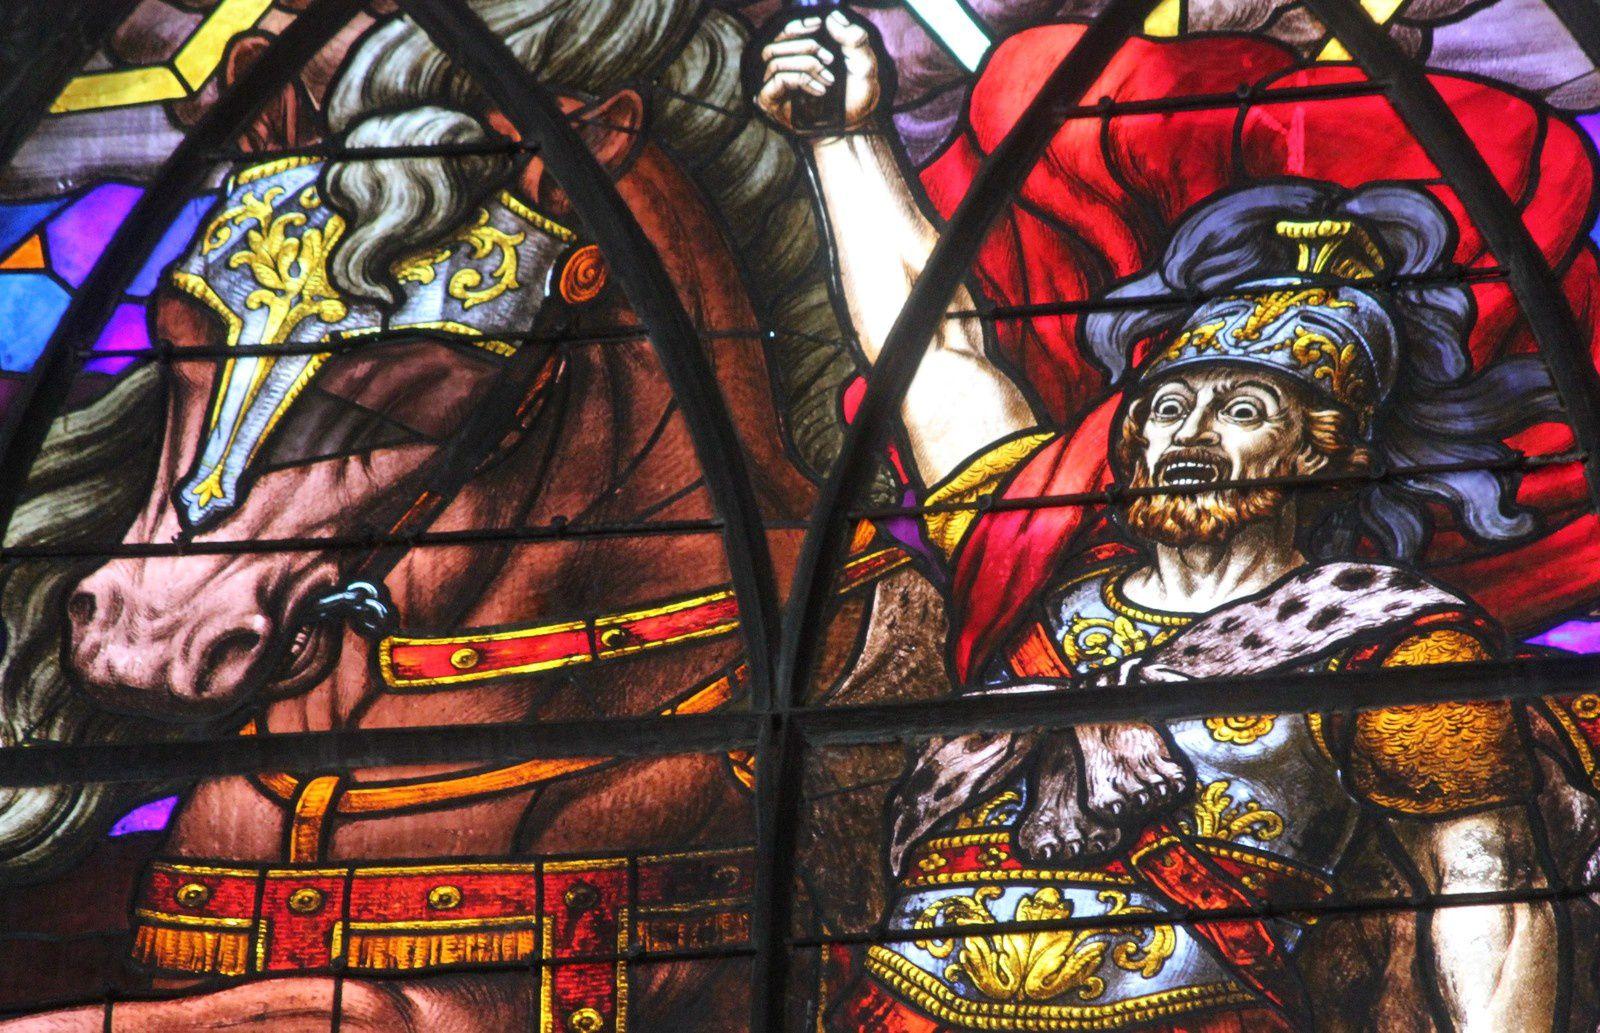 Cavaliers de l'apocalypse. Vitraux. Saint Jean de Montmartre.